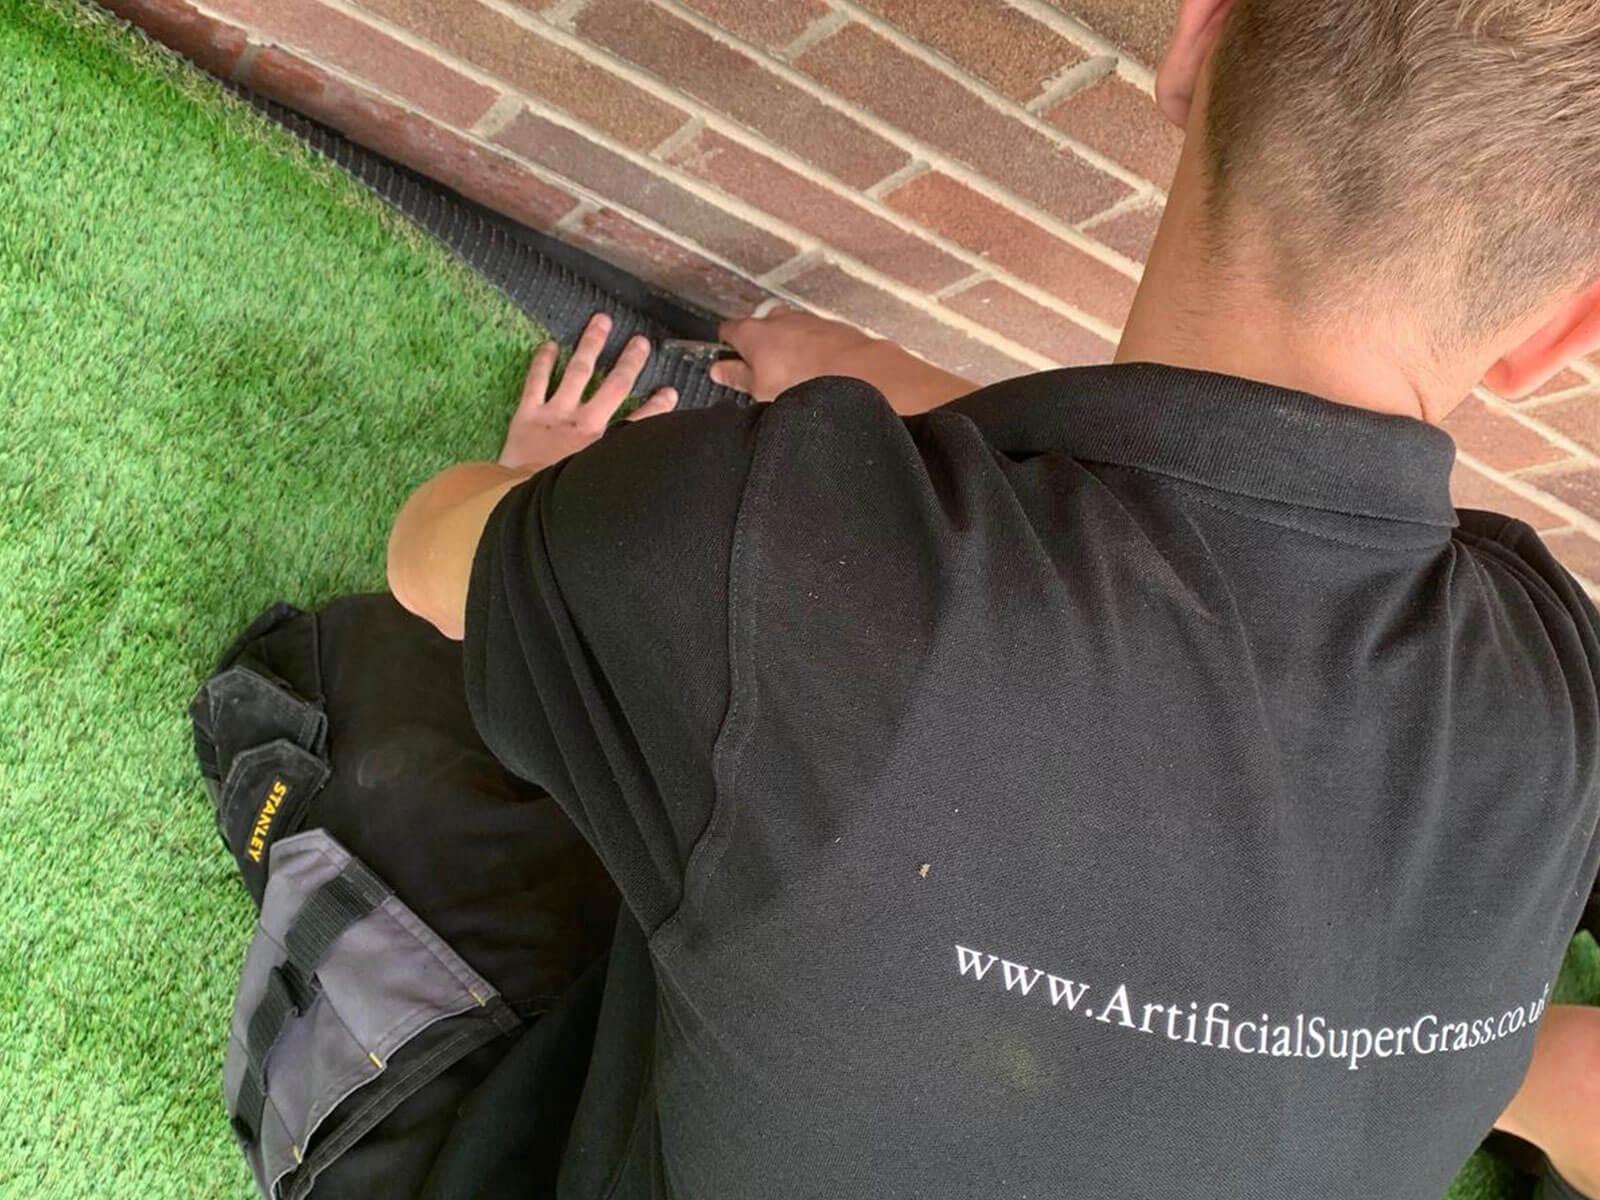 Artificial Grass Suppliers Doncaster Artificial Super Grass